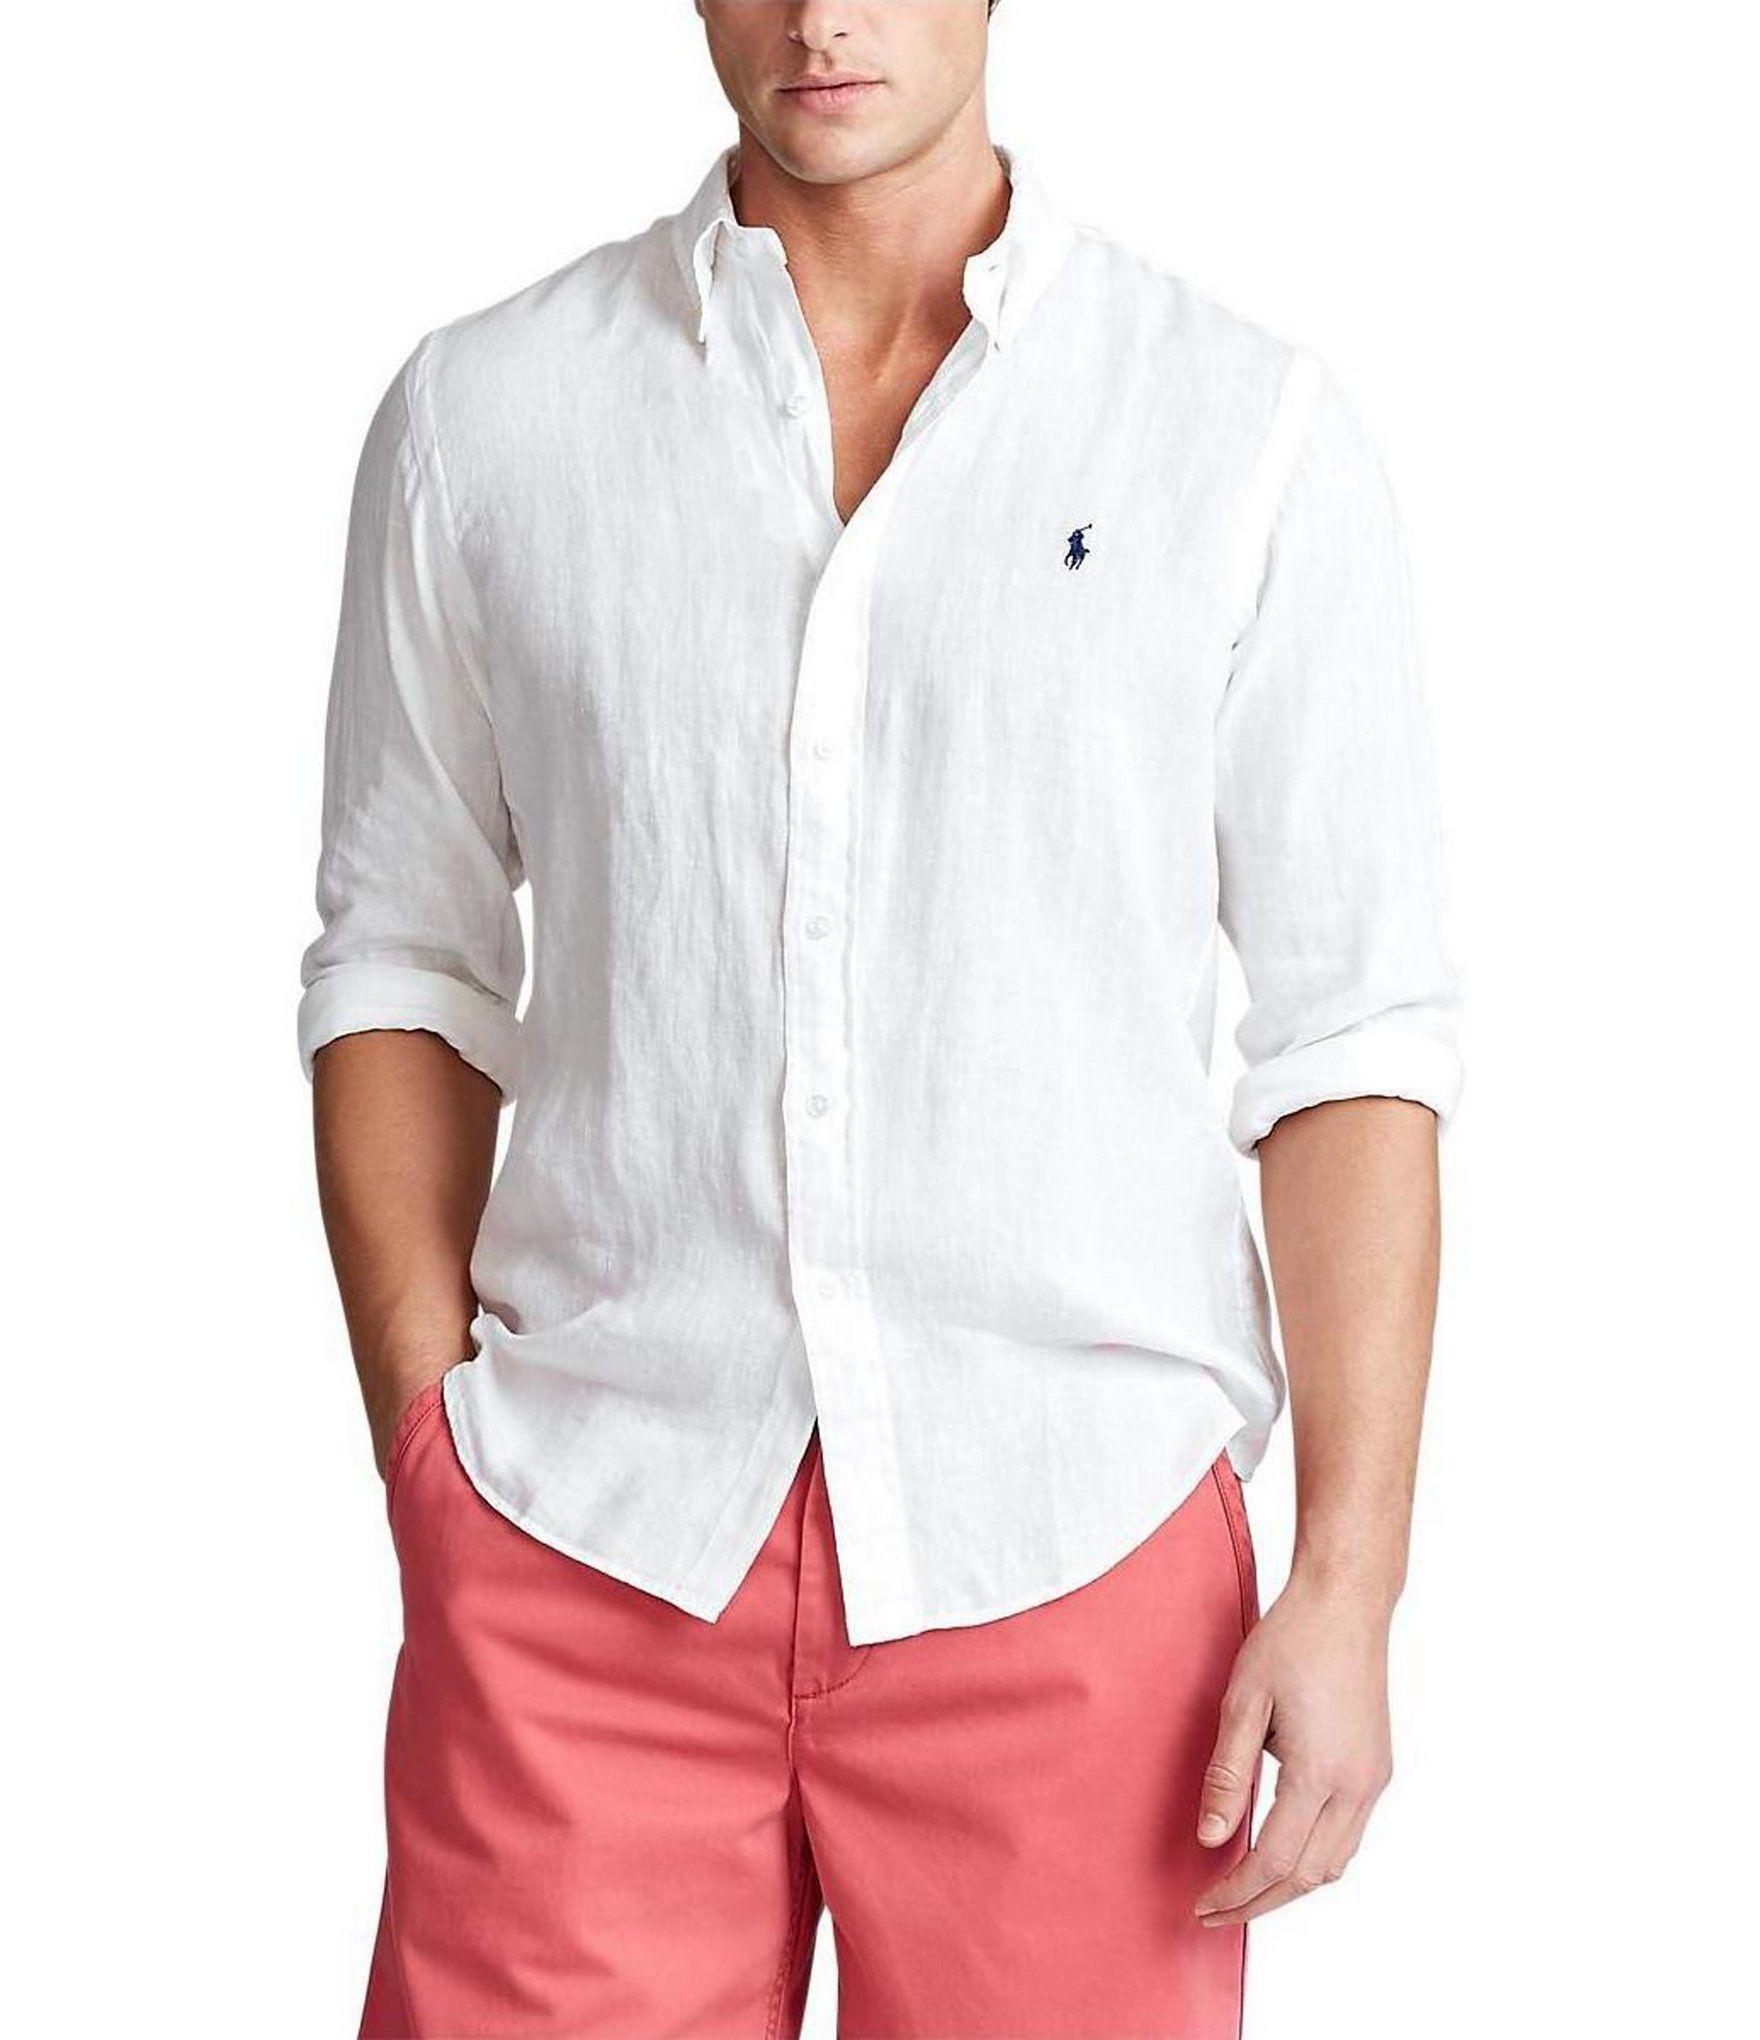 Polo Ralph Lauren Big /& Tall Men/'s White Linen Short Sleeve Button Front Shirt